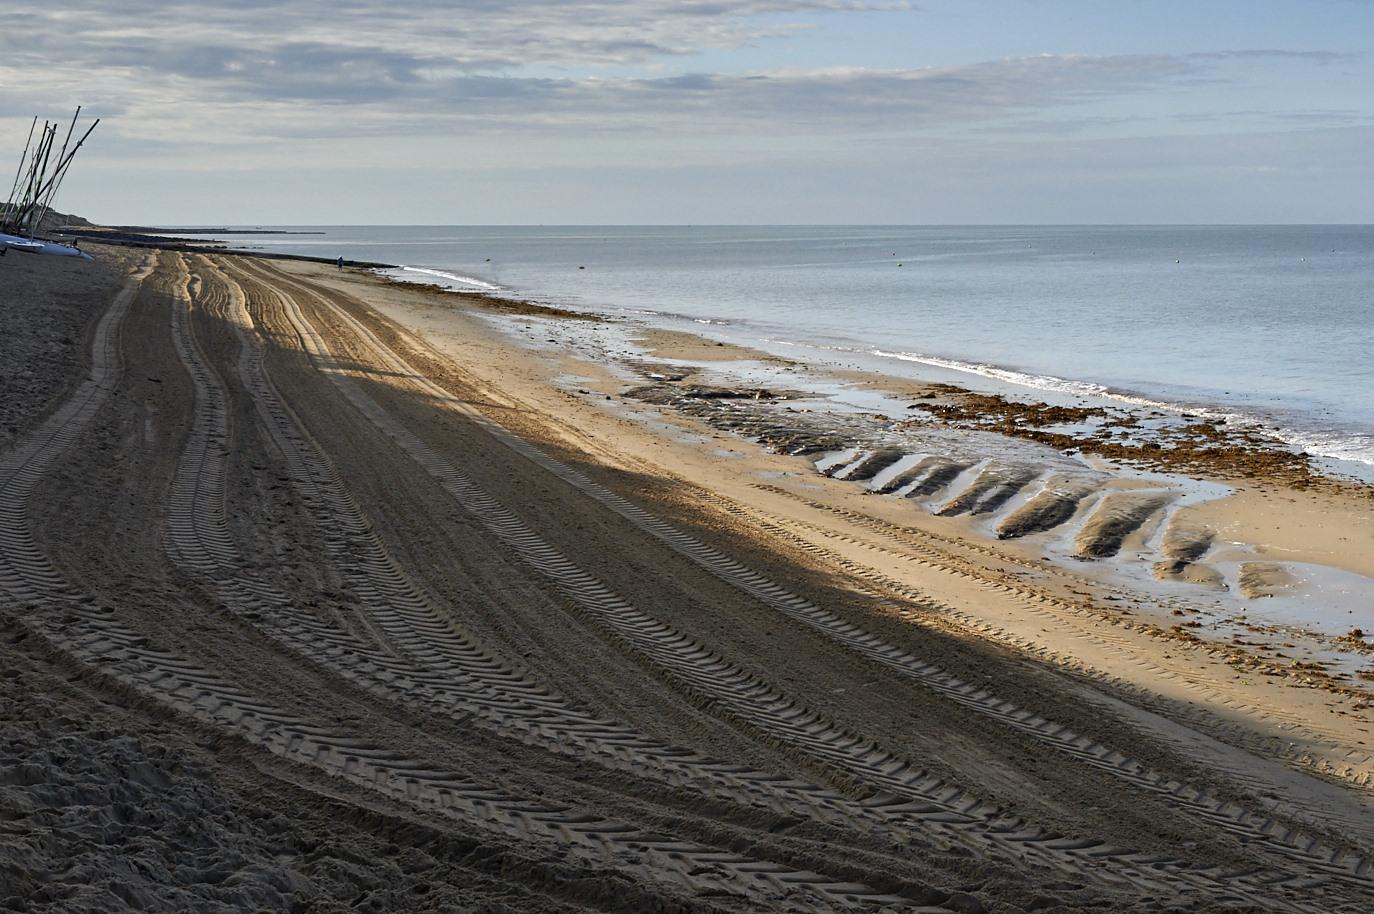 La plage ravagée par le nettoyage mécanique des algues vertes et la disparition rapide du sable